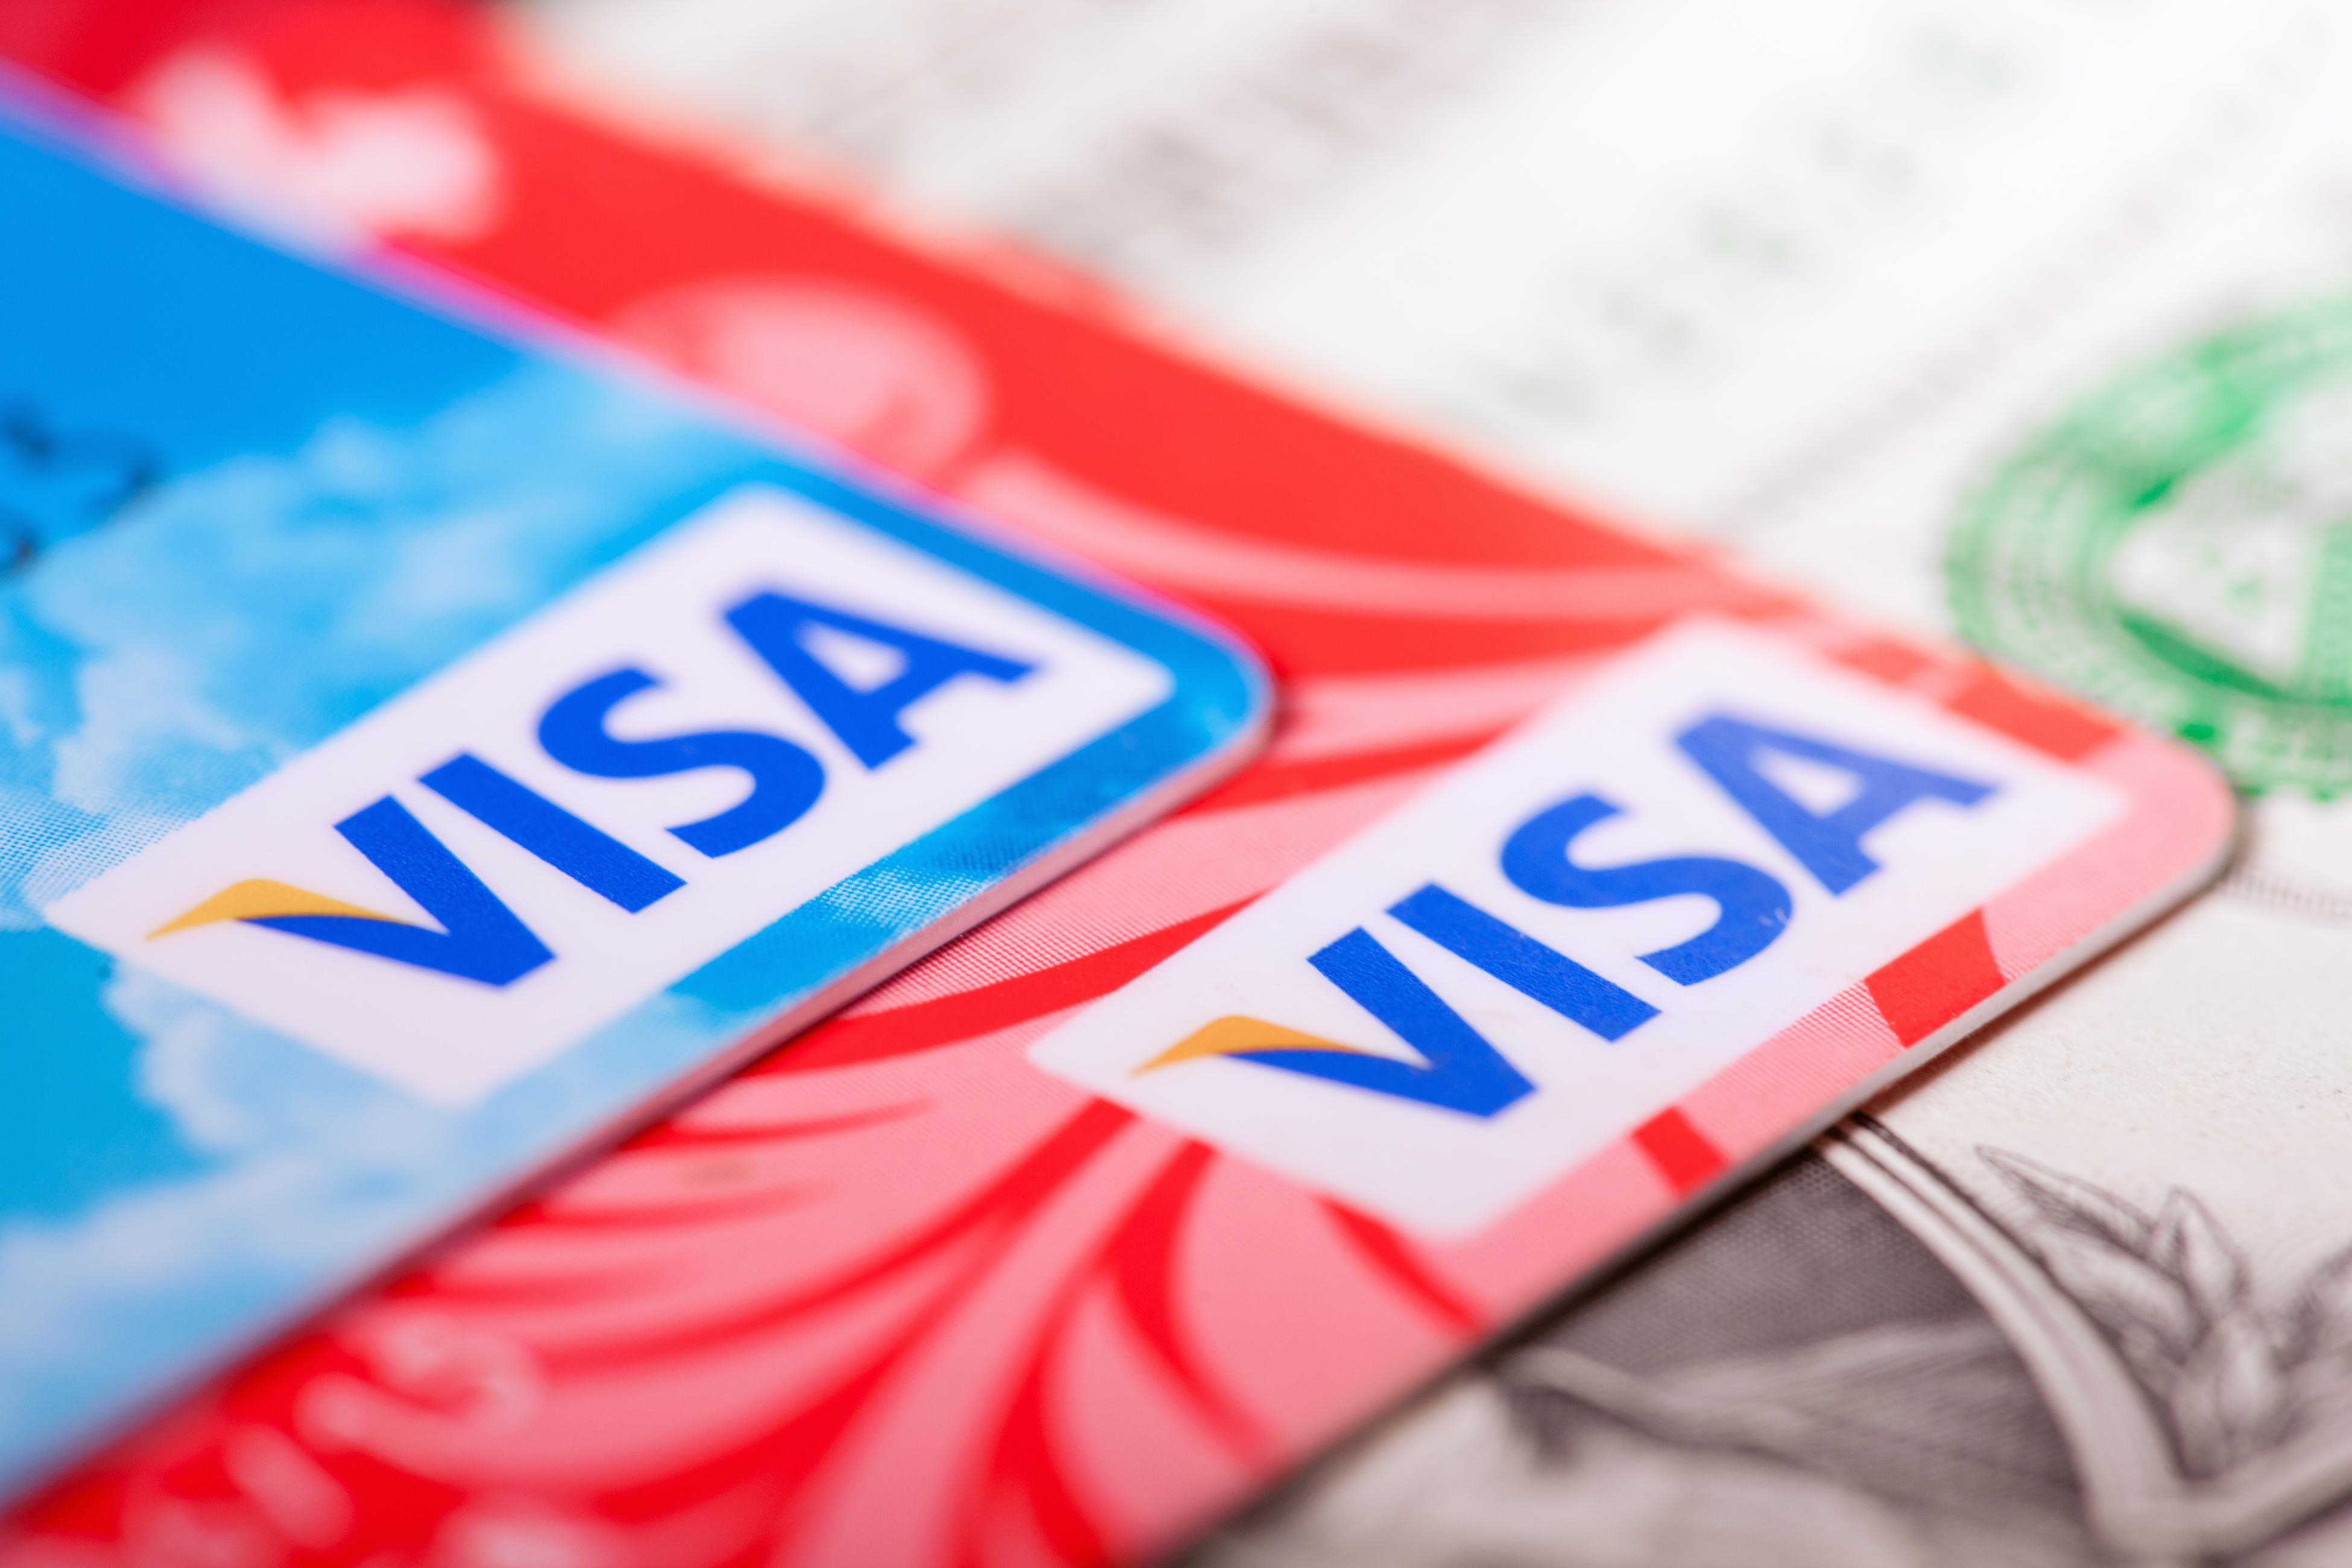 Tarjetas monedero Visa